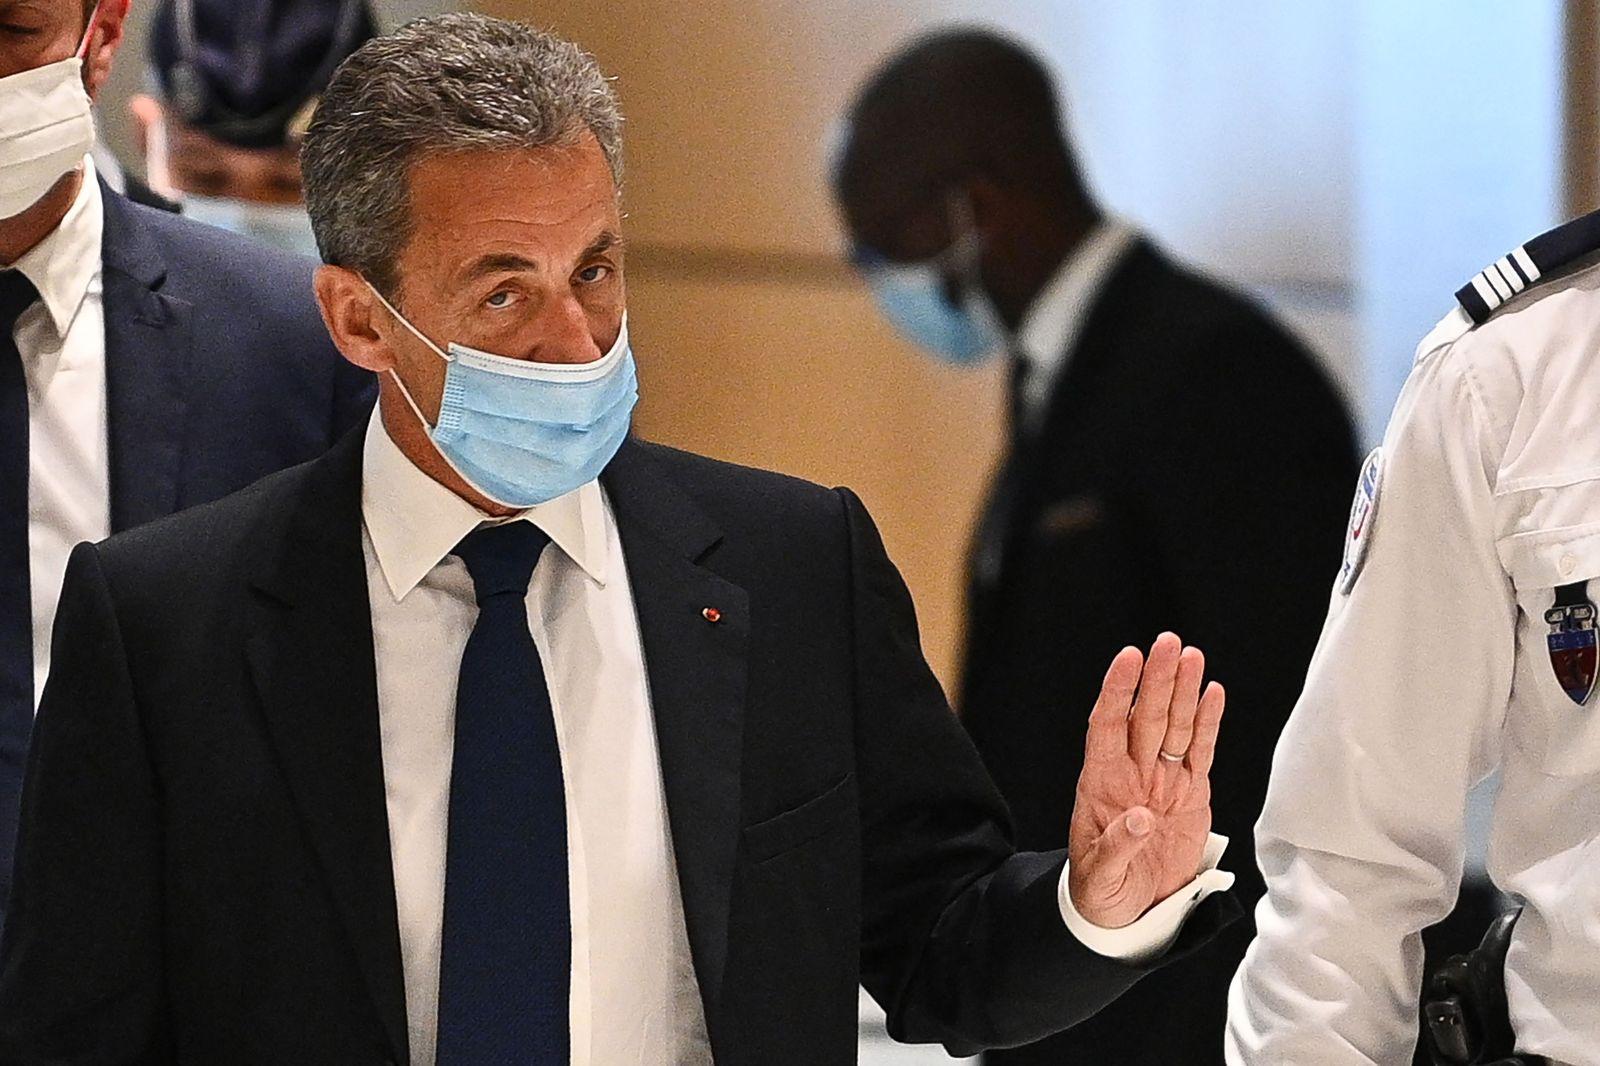 FRANCE-TRIAL-CORRUPTION-SARKOZY